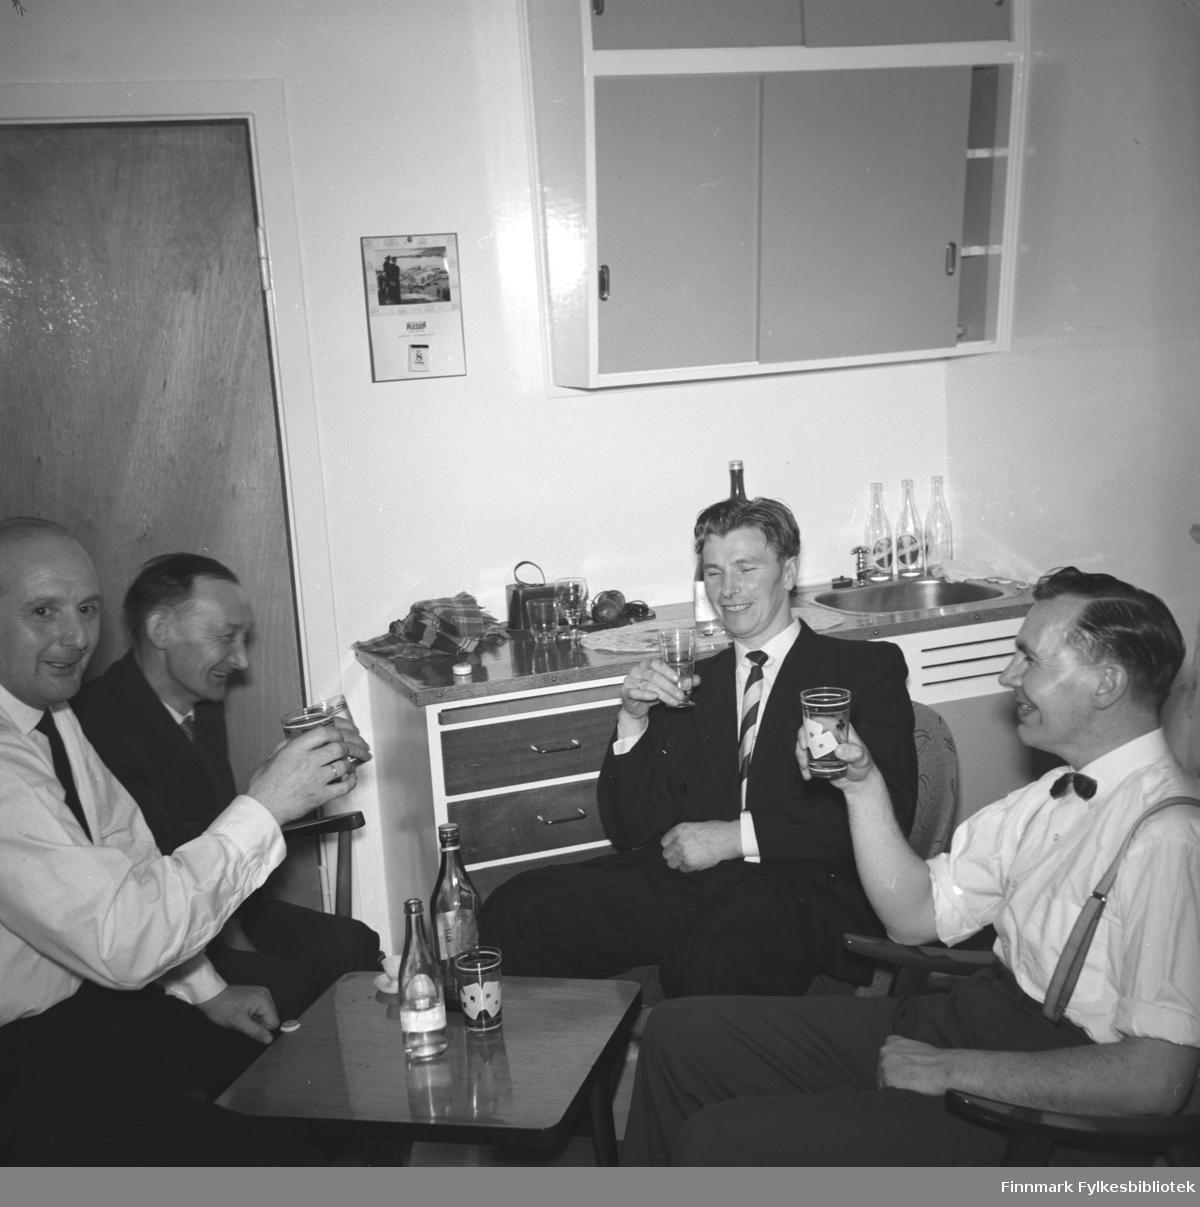 Eino Drannem fotografert i kjøkkenet sammen med sine kompiser. Alle sitter rundt et litet bord og har et glass i hånden og smiler